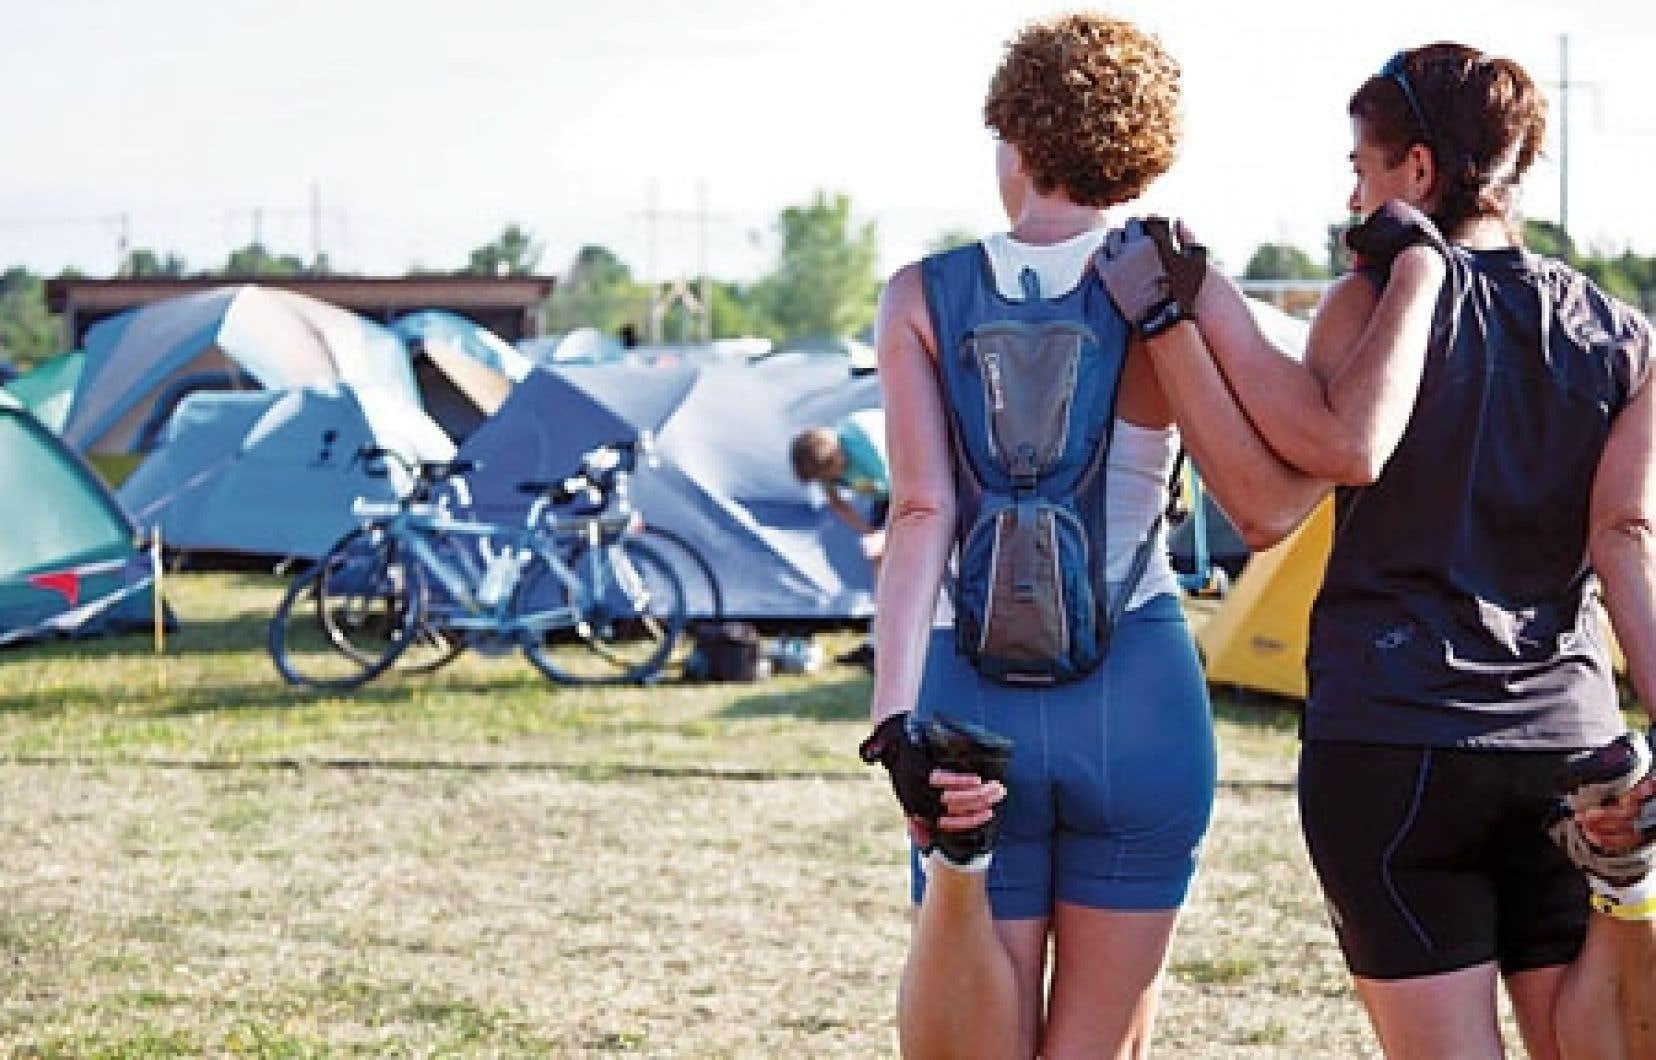 Environ 6000 cyclistes participent au Grand Tour chaque année.